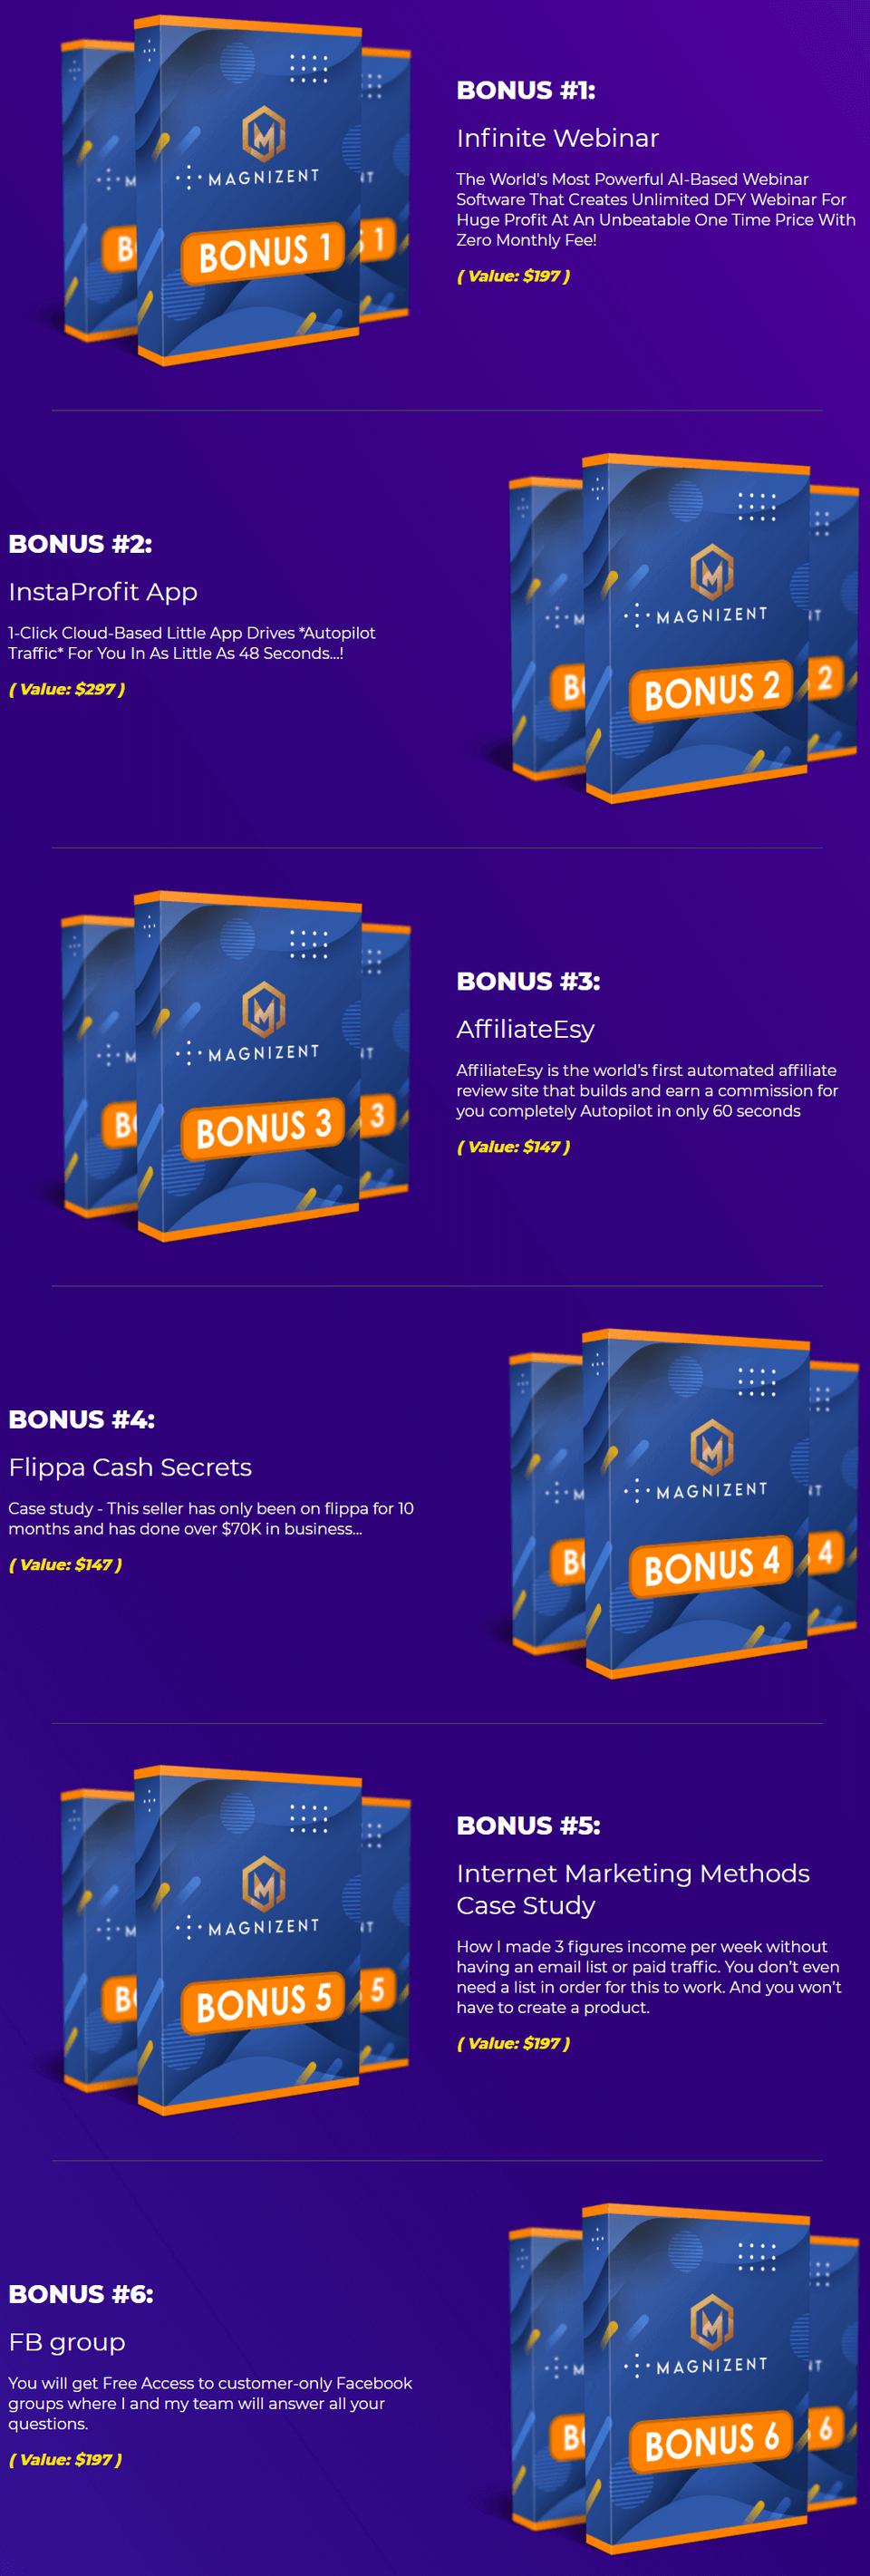 Magnizent-bonus